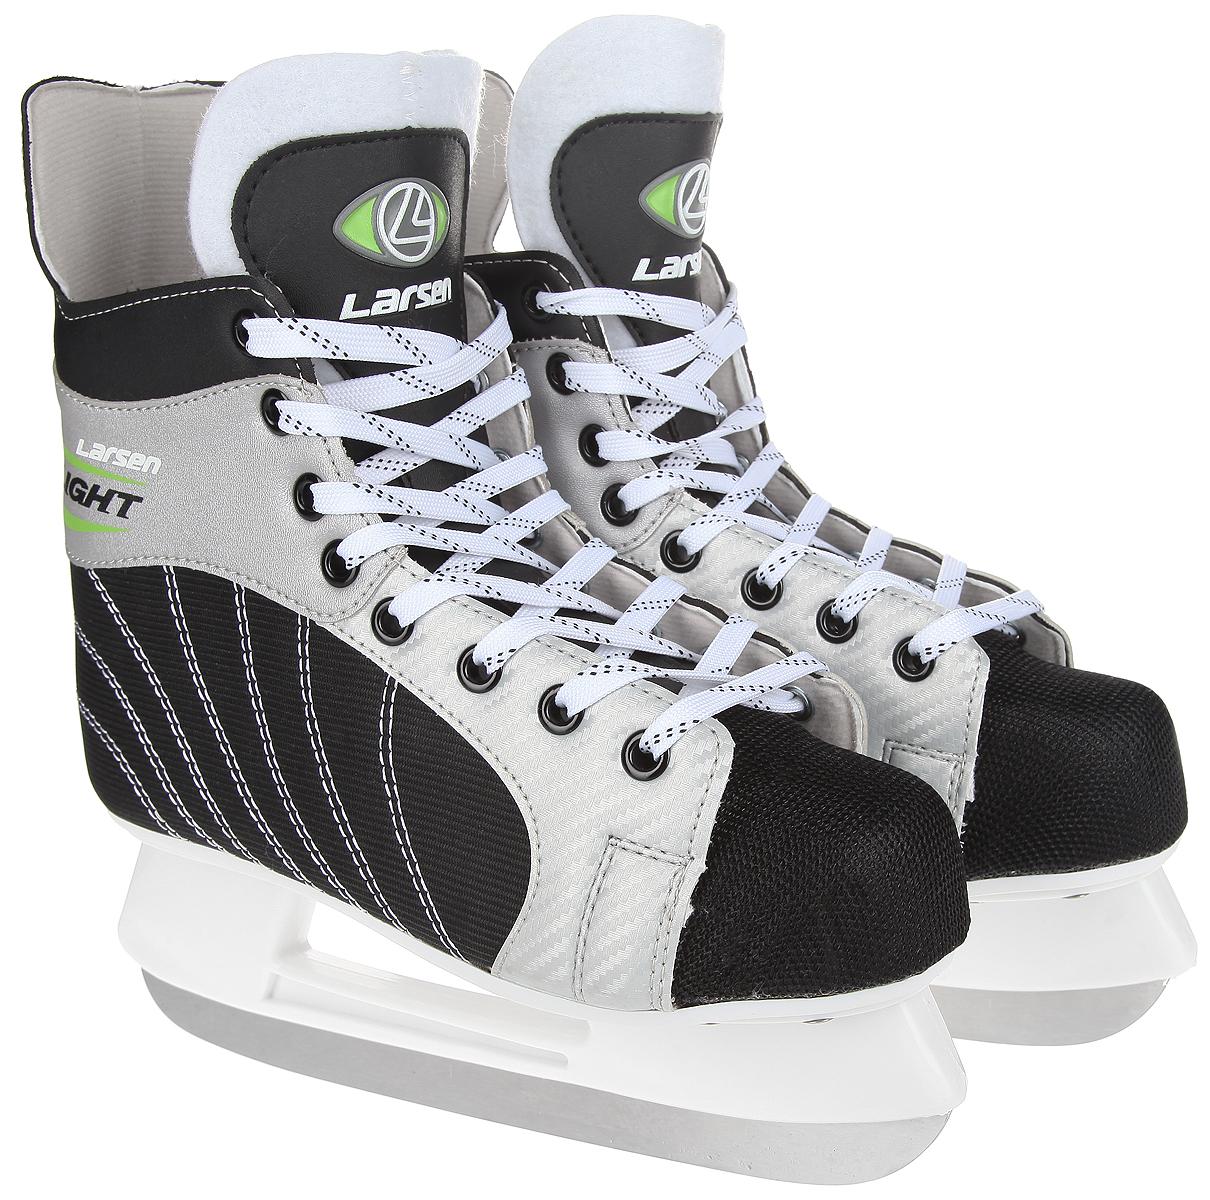 Коньки хоккейные мужские Larsen Light, цвет: черный, серебристый, белый. Размер 41LightСтильные коньки Light от Larsen прекрасно подойдут для начинающих игроков в хоккей. Ботинок выполнен из нейлона со вставками из морозоустойчивого поливинилхлорида. Мыс выполнен из полипропилена, покрытого сетчатым нейлоном, который защитит ноги от ударов. Внутренний слой изготовлен из материала Cambrelle, который обладает высокой гигроскопичностью и воздухопроницаемостью, имеет высокую степень устойчивости к истиранию, приятен на ощупь, быстро высыхает. Язычок из войлока обеспечивает дополнительное тепло. Плотная шнуровка надежно фиксирует модель на ноге. Голеностоп имеет удобный суппорт. Стелька из EVA с текстильной поверхностью обеспечит комфортное катание. Стойка выполнена из ударопрочного пластика. Лезвие из нержавеющей стали обеспечит превосходное скольжение. В комплект входят пластиковые чехлы для лезвия. Рекомендуемая температура использования: до -20°C.